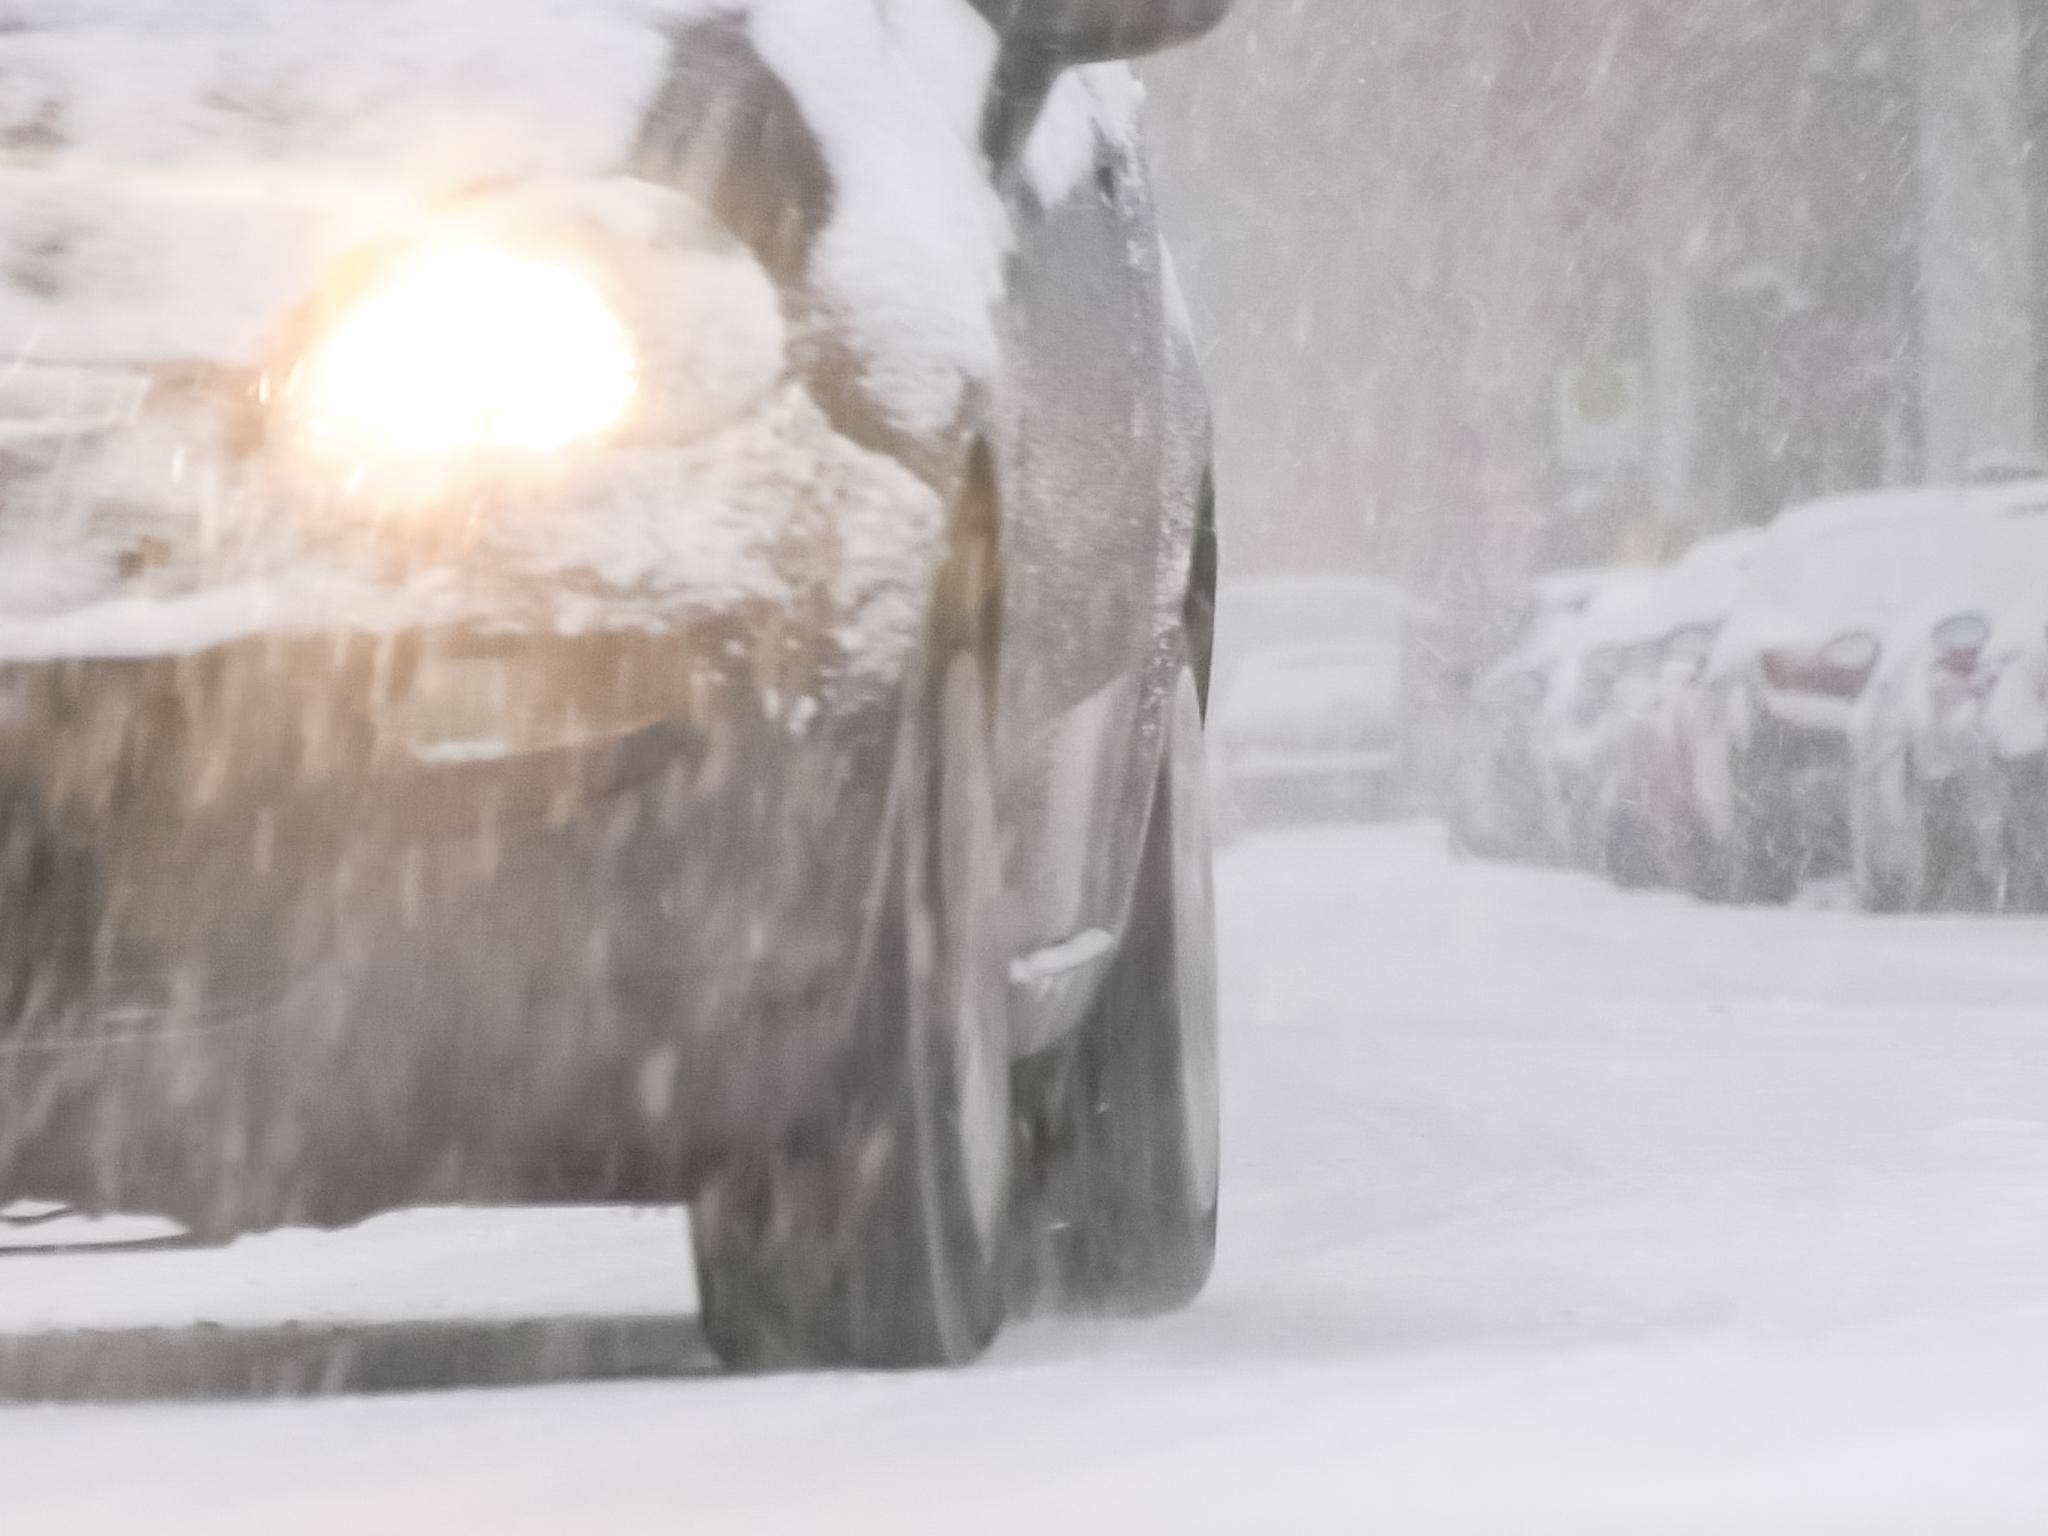 Winterliche Straßenverhältnisse. Foto: Pascal Höfig